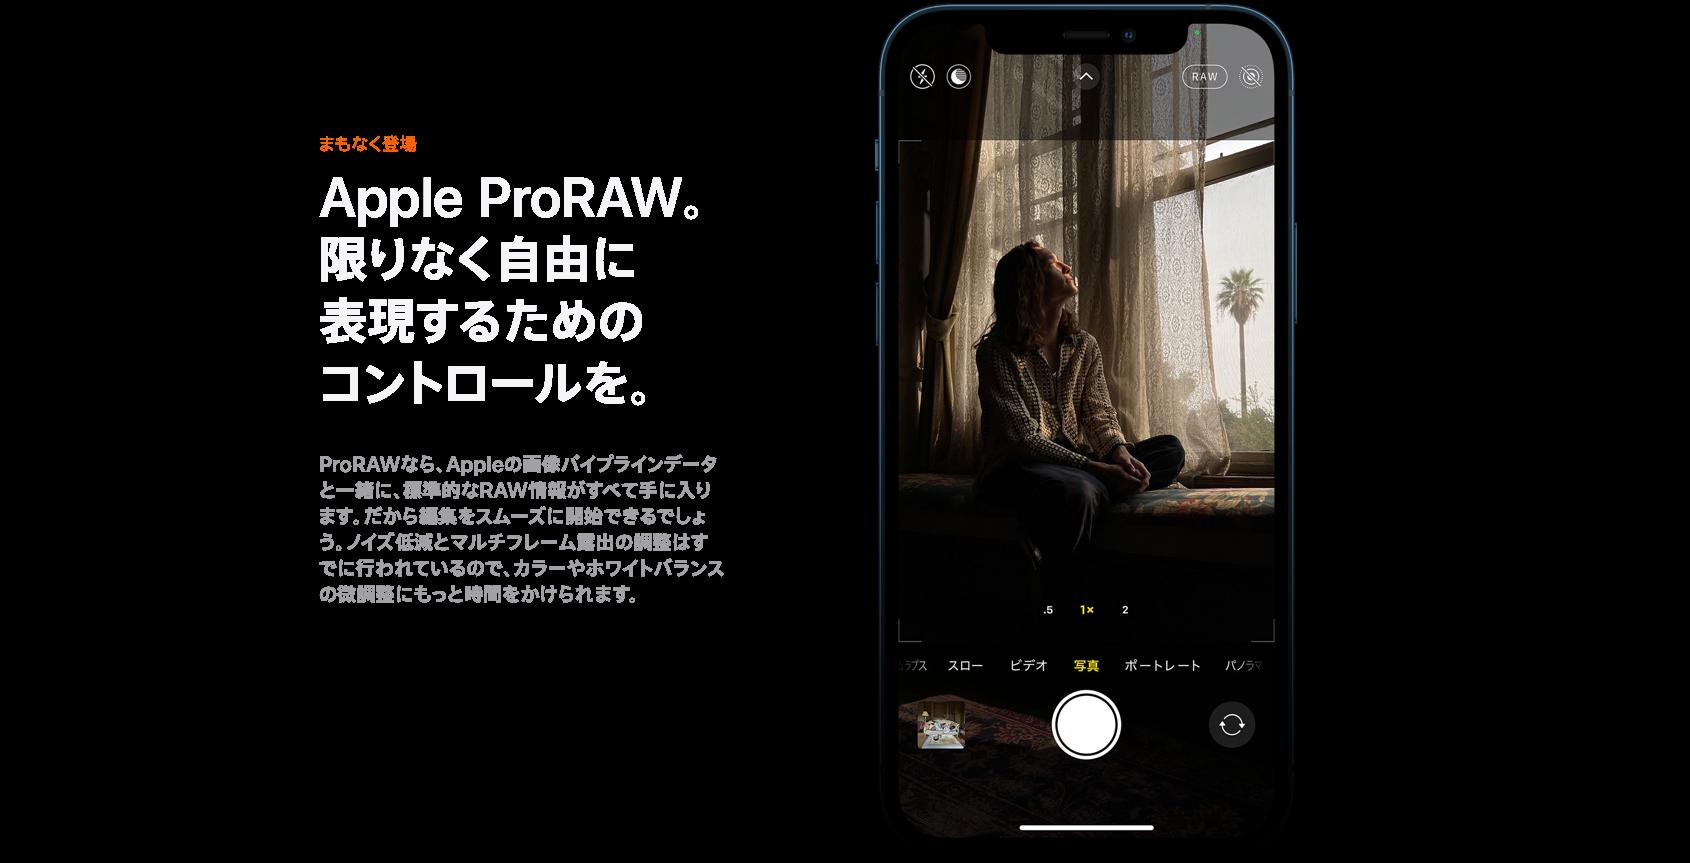 Apple ProRAW。限りなく自由に表現するためのコントロールを。